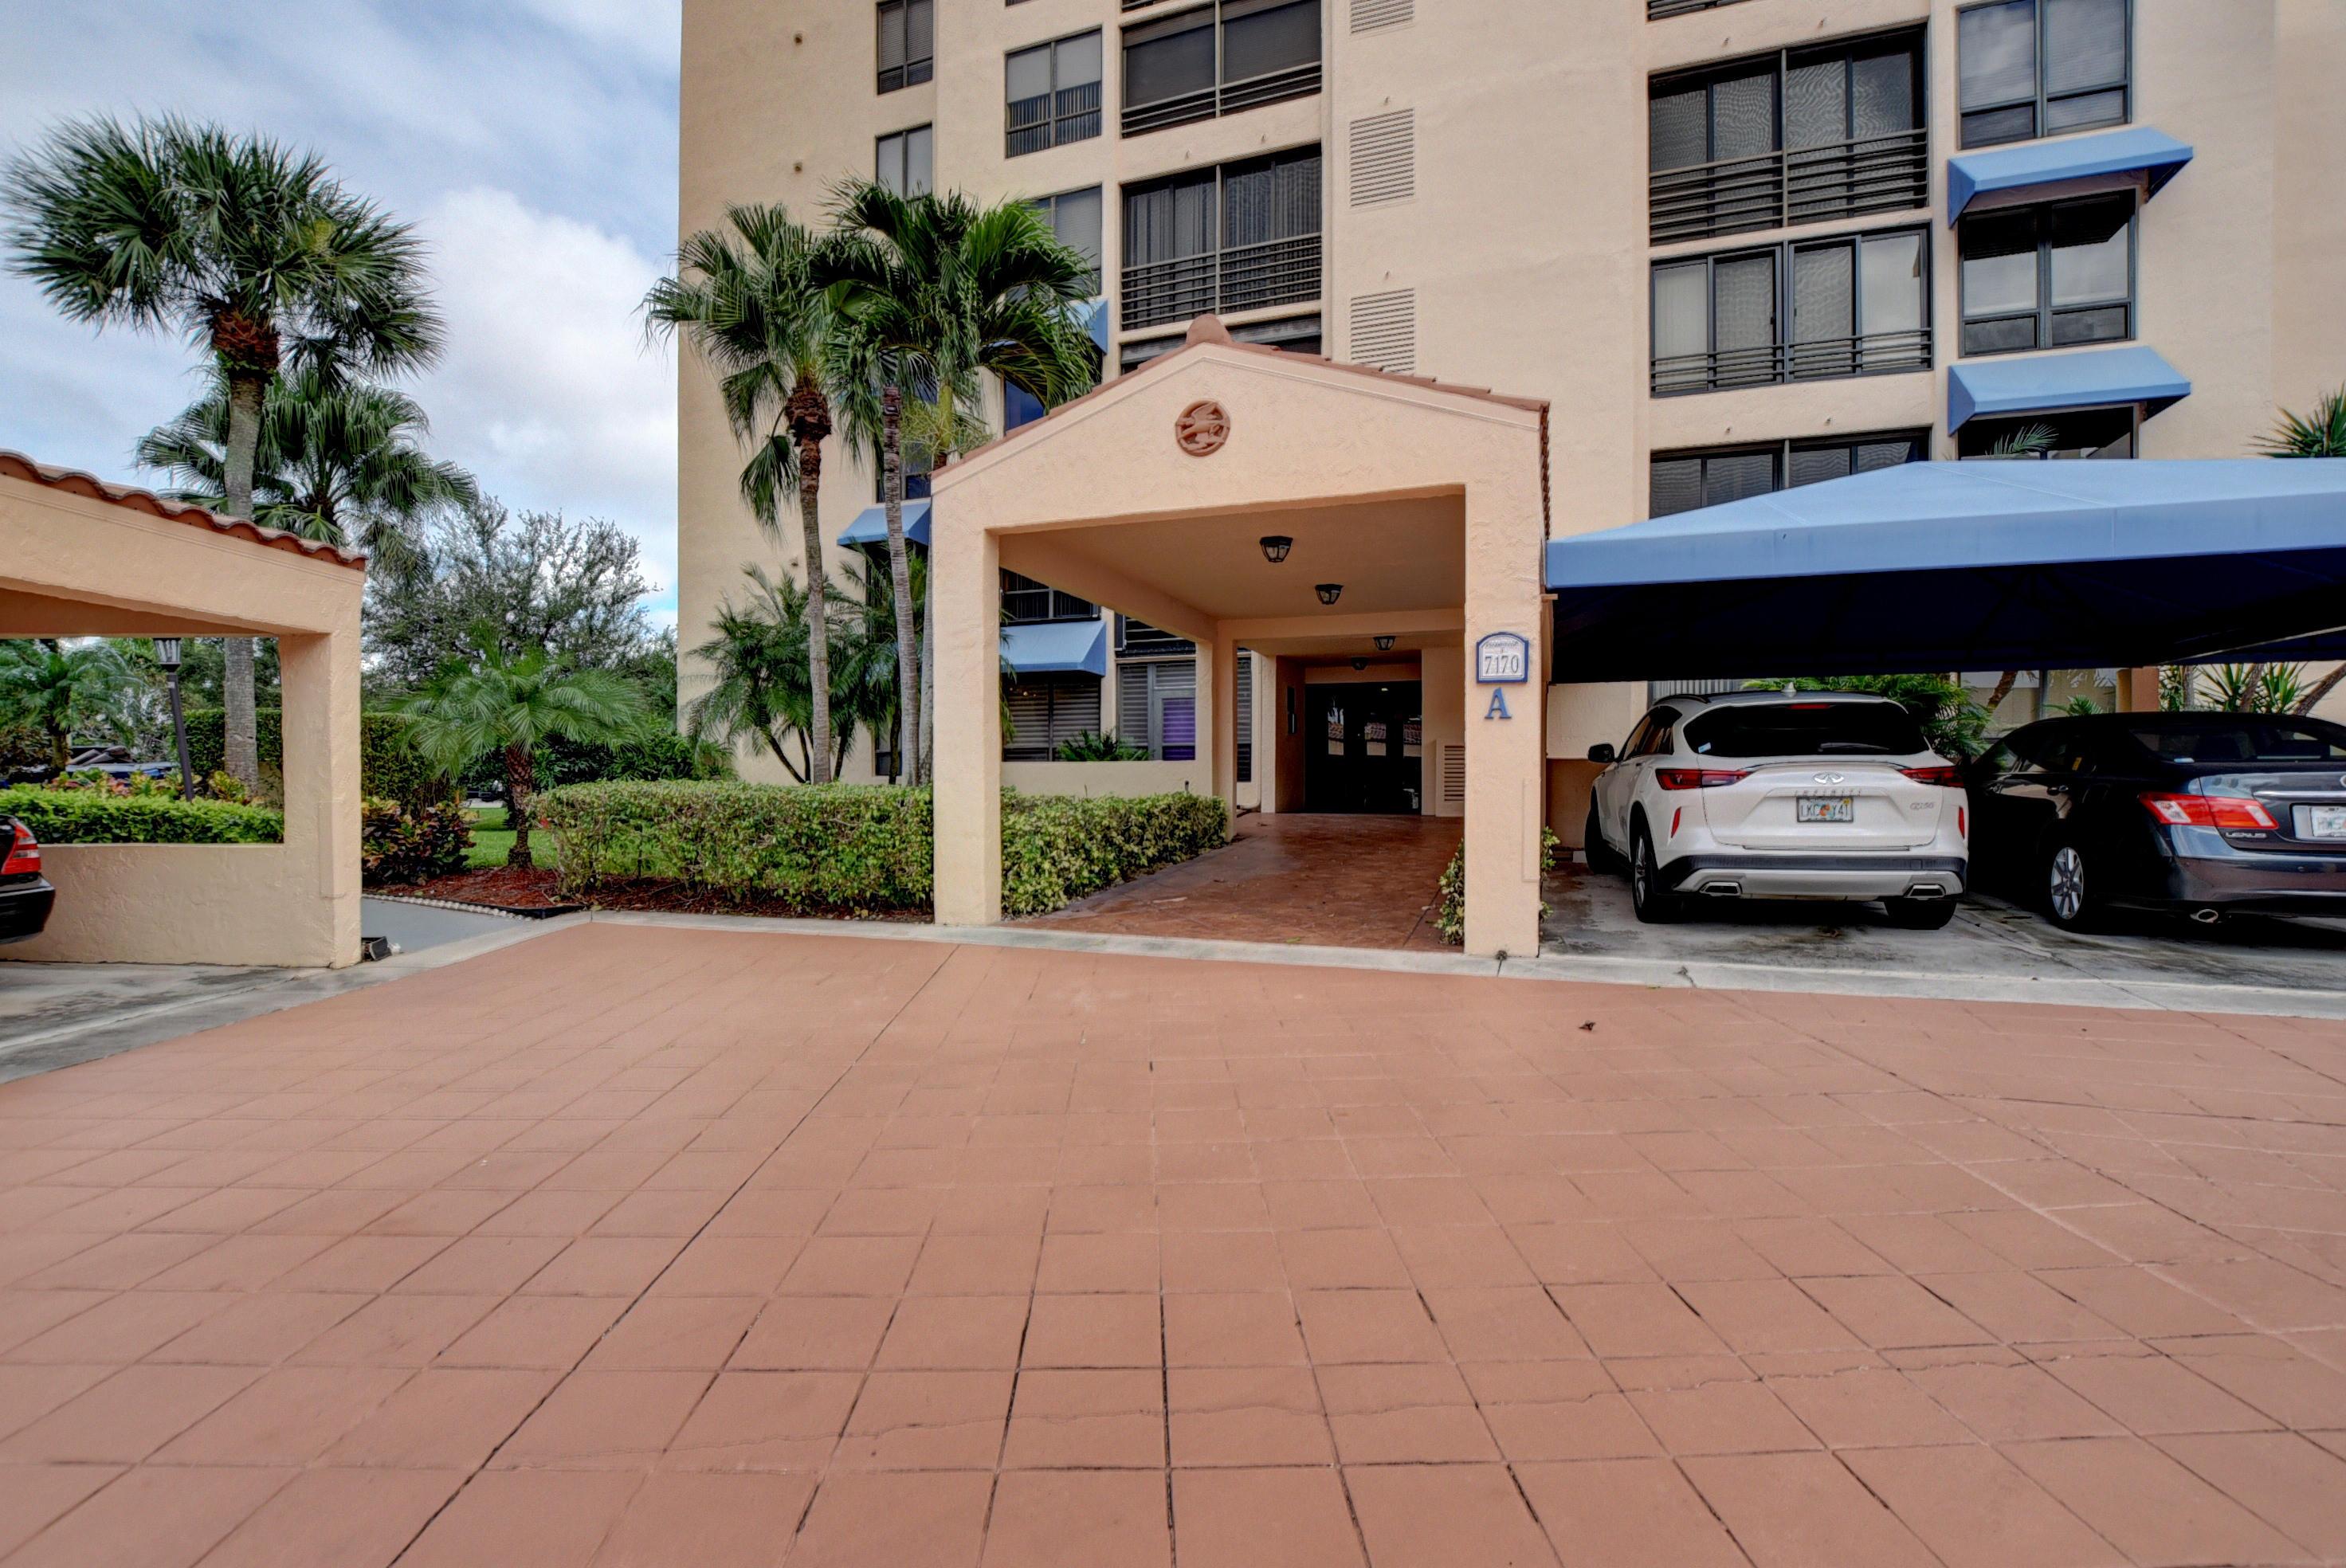 Photo of 7170 Promenade Drive #101, Boca Raton, FL 33433